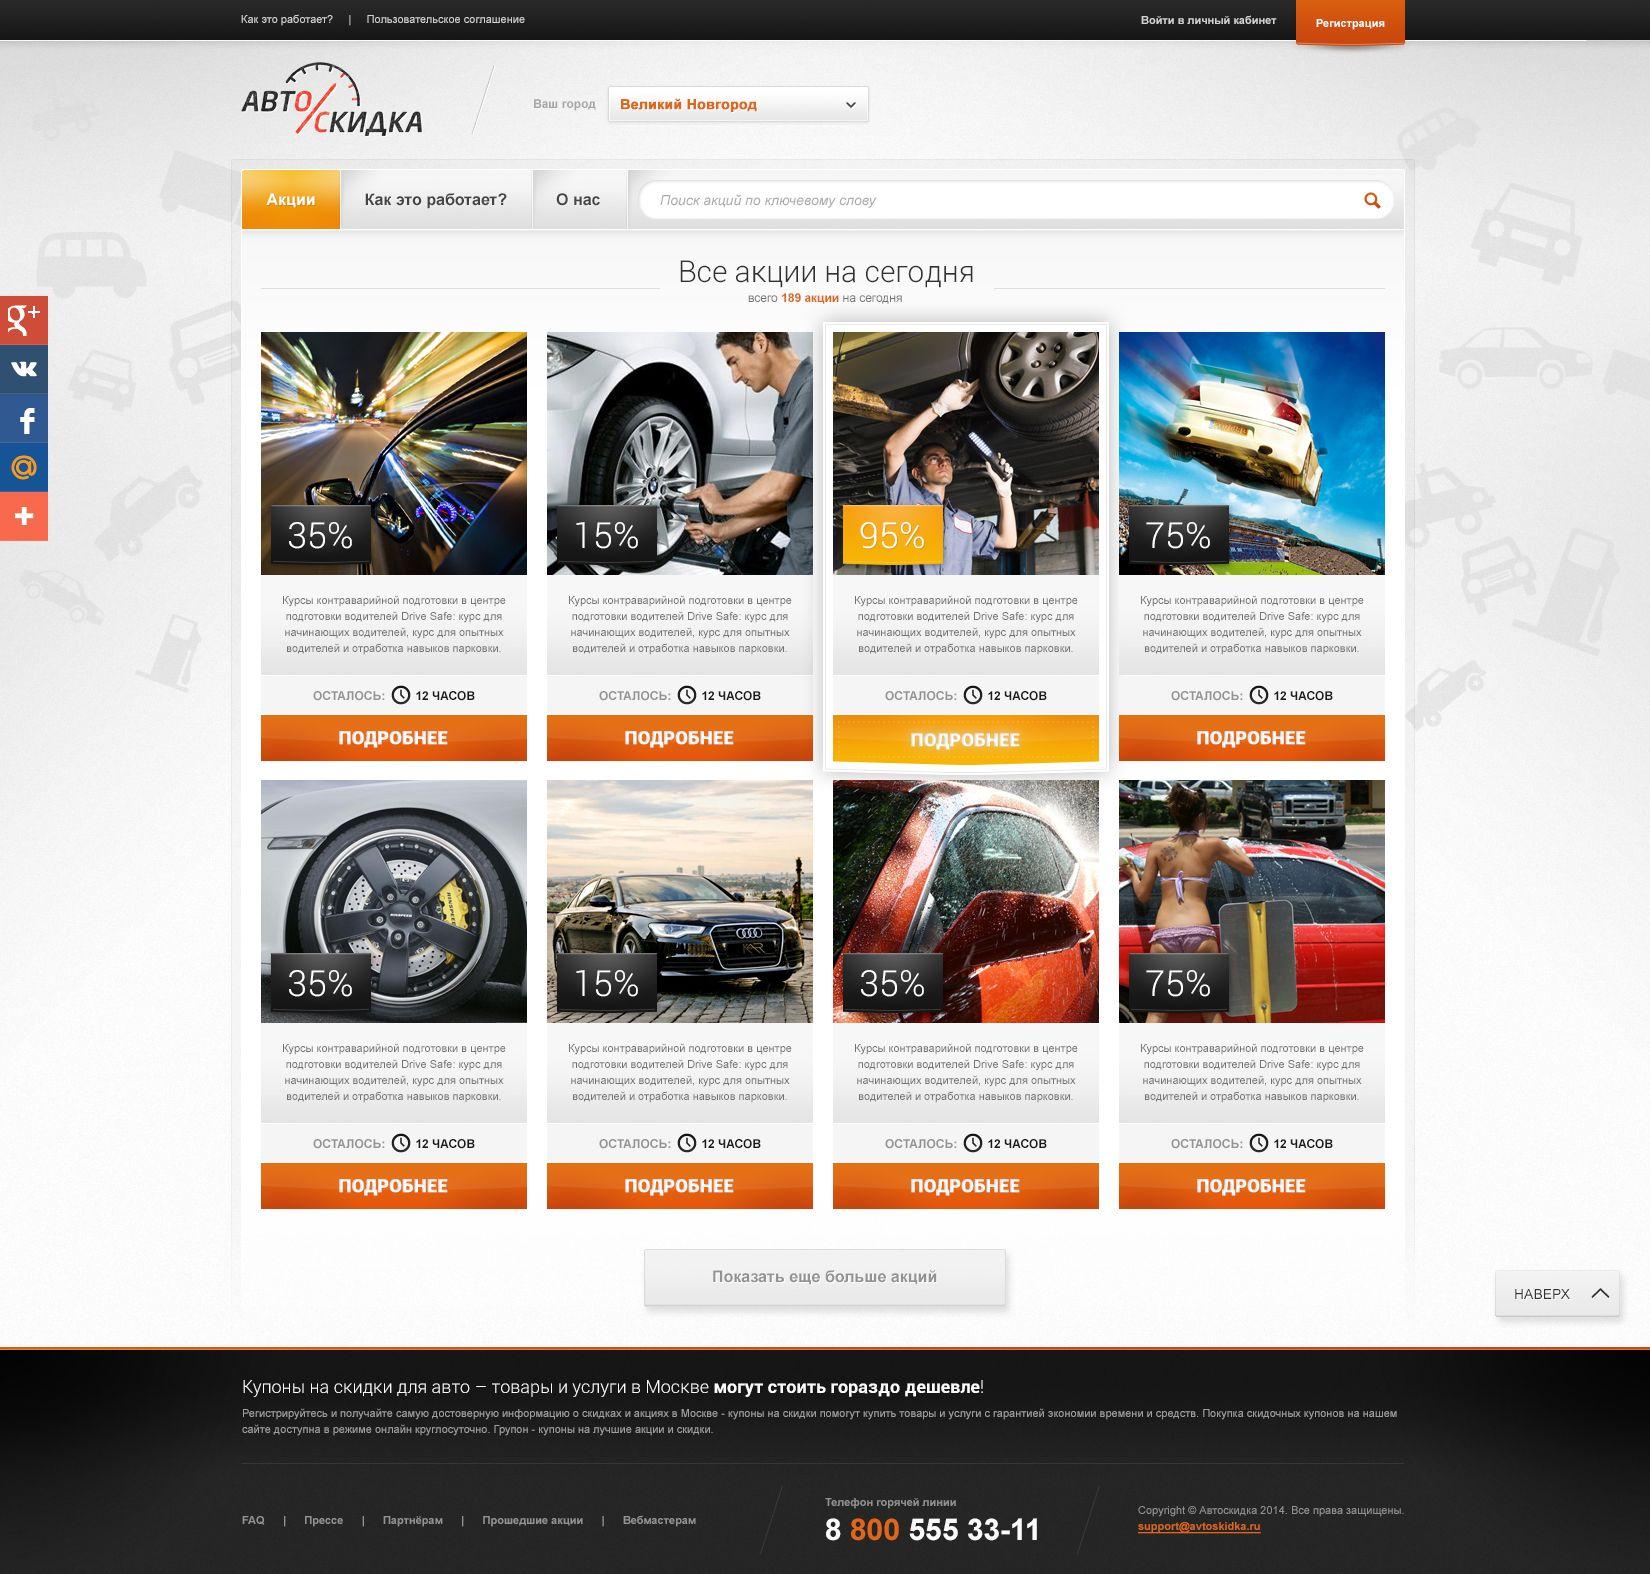 Дизайн сайта со скидками для автовладельцев - дизайнер nuwman